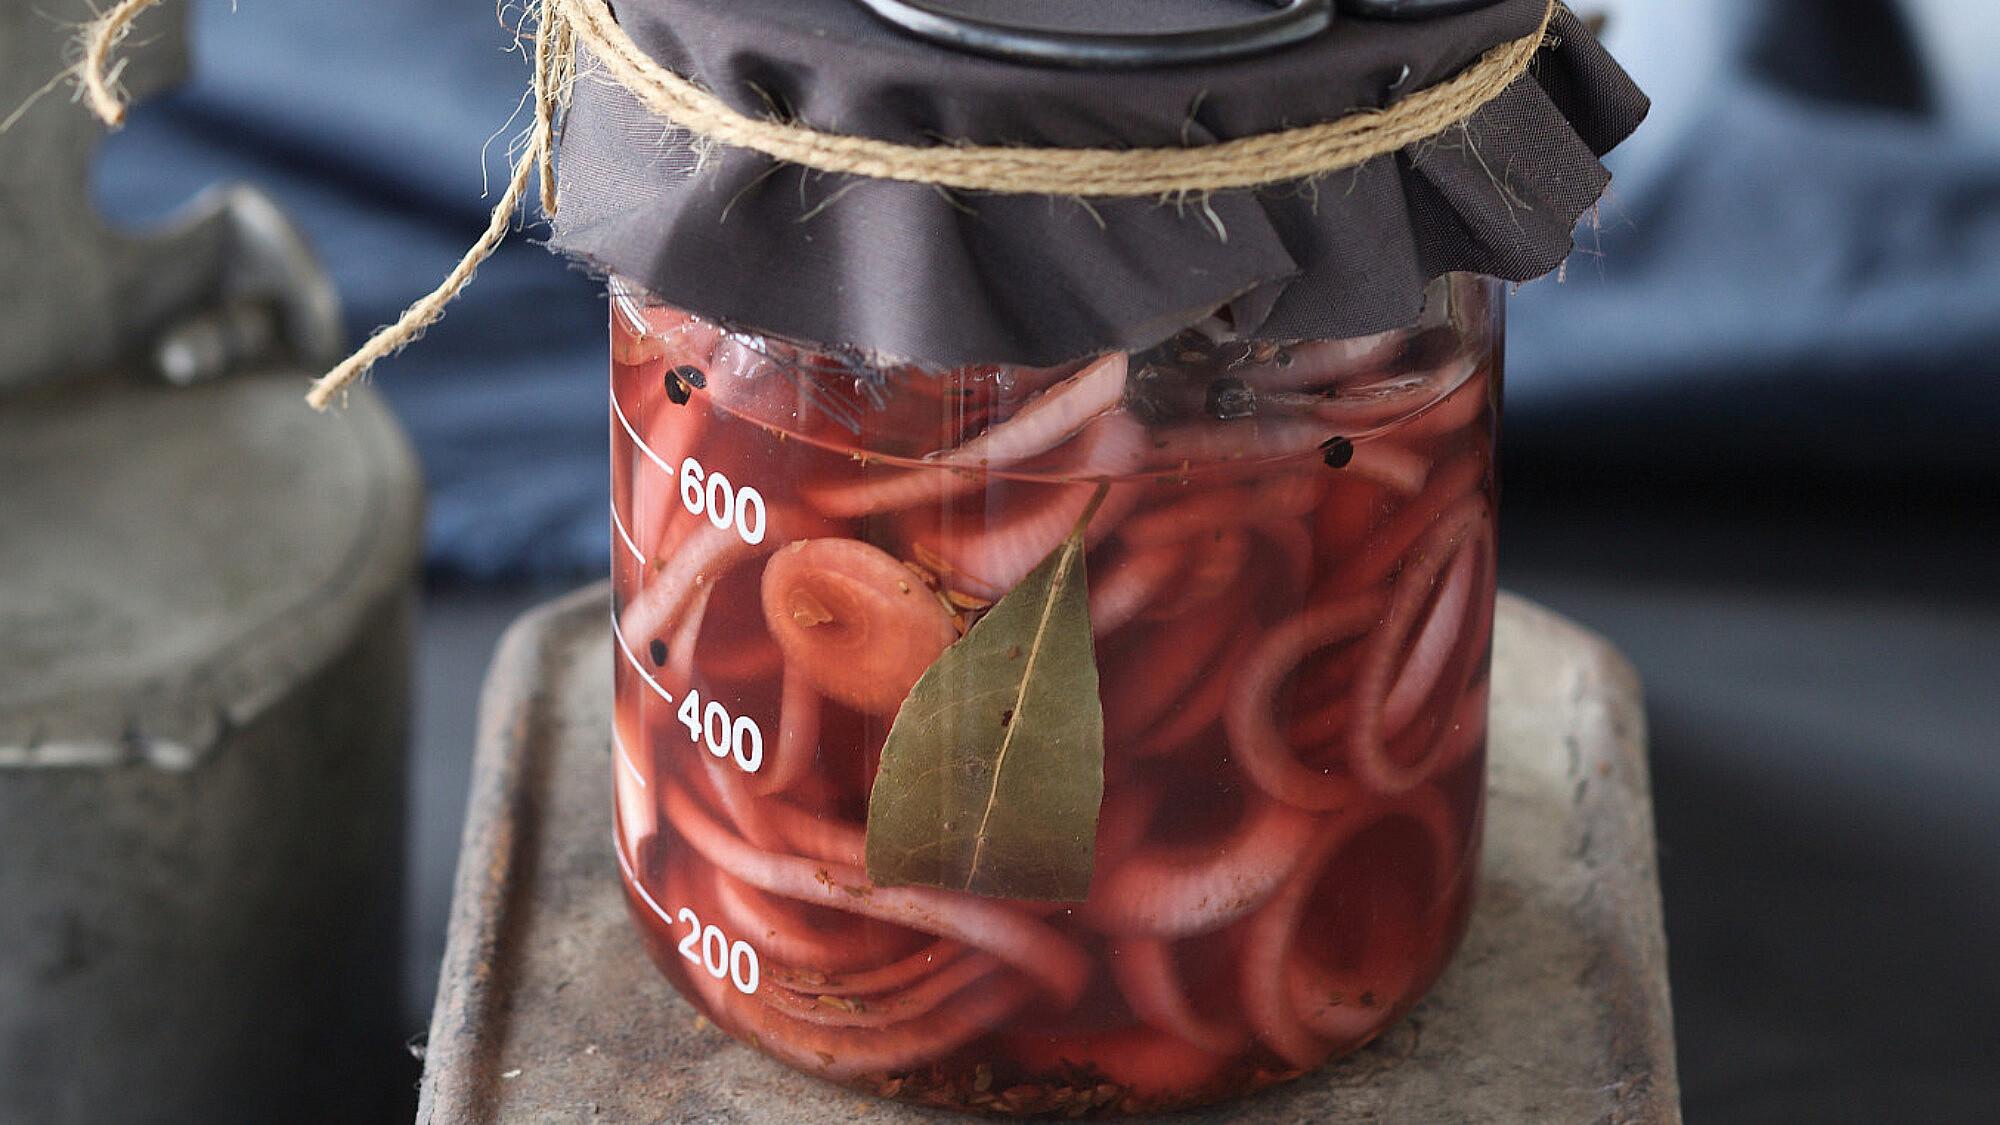 רליש של בצל סגול כבוש של אורלי פלאי-ברונשטיין. צילום: דן פרץ. סטיילינג: עמית פרבר